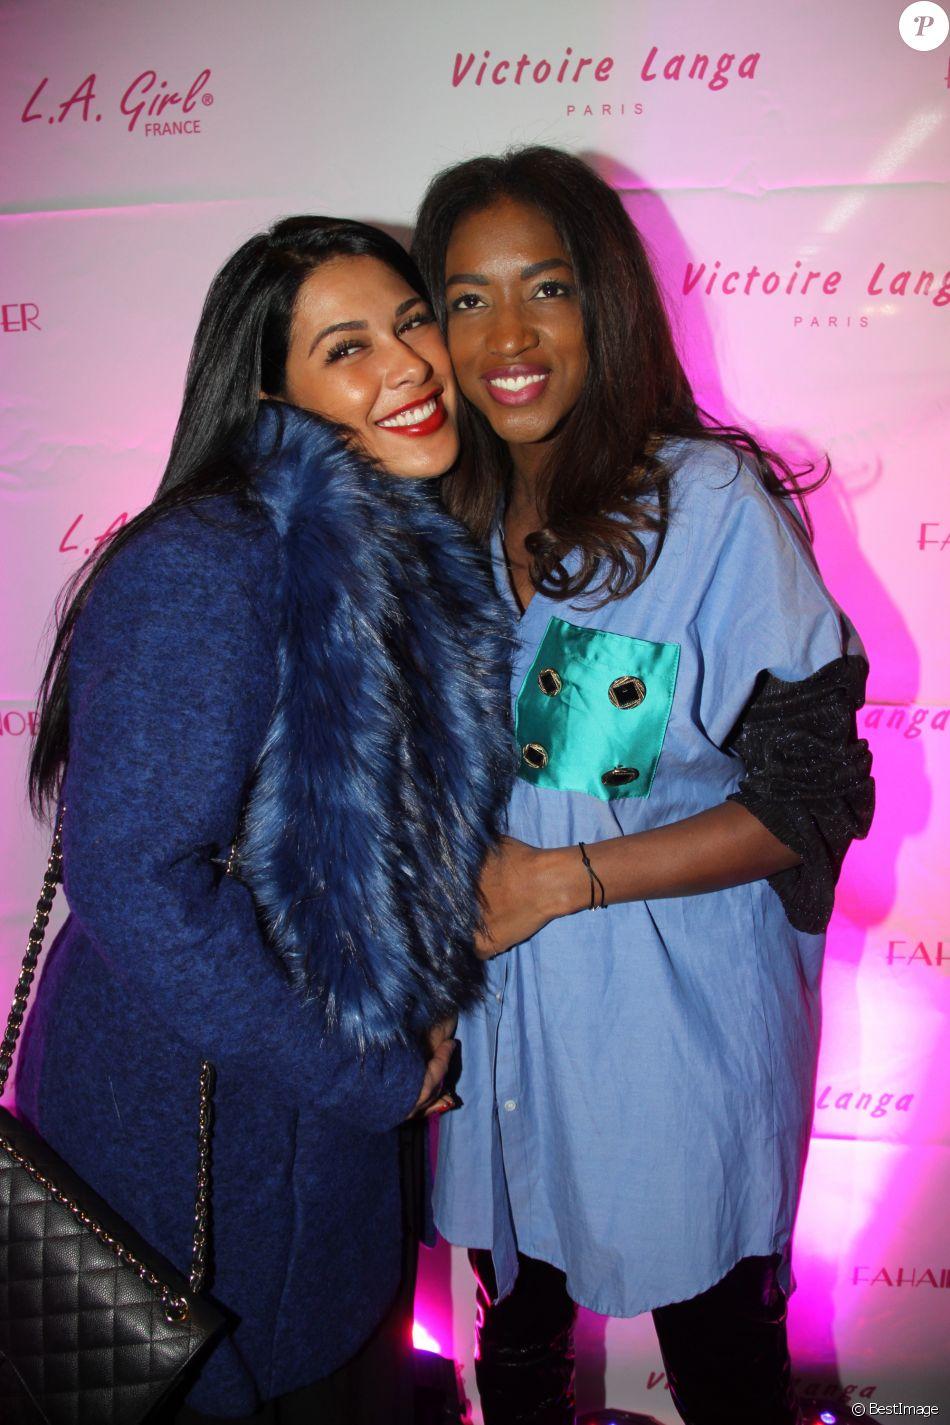 """Ayem Nour (présentatrice Mad Mag NRJ12 TV) et Hapsatou Sy lors de la soirée de lancement des produits cosmétiques """"L.A. Girl Paris"""" au 32 rue Faubourg Saint-Martin à Paris, France, le 26 novembre 2016. © Baldini"""